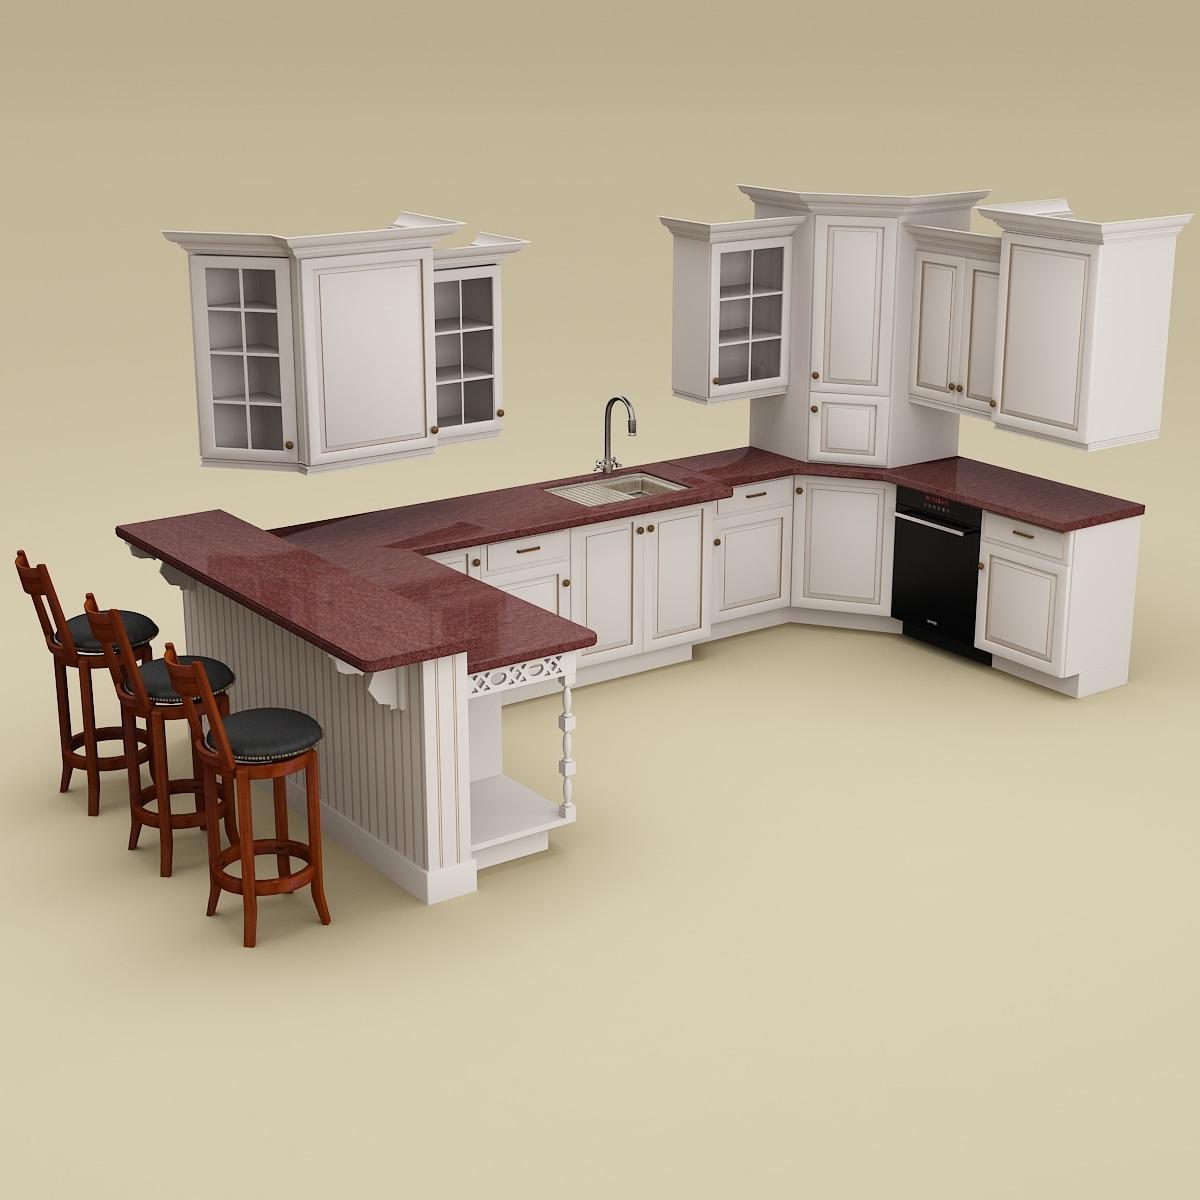 Kitchen_V19_001.jpg